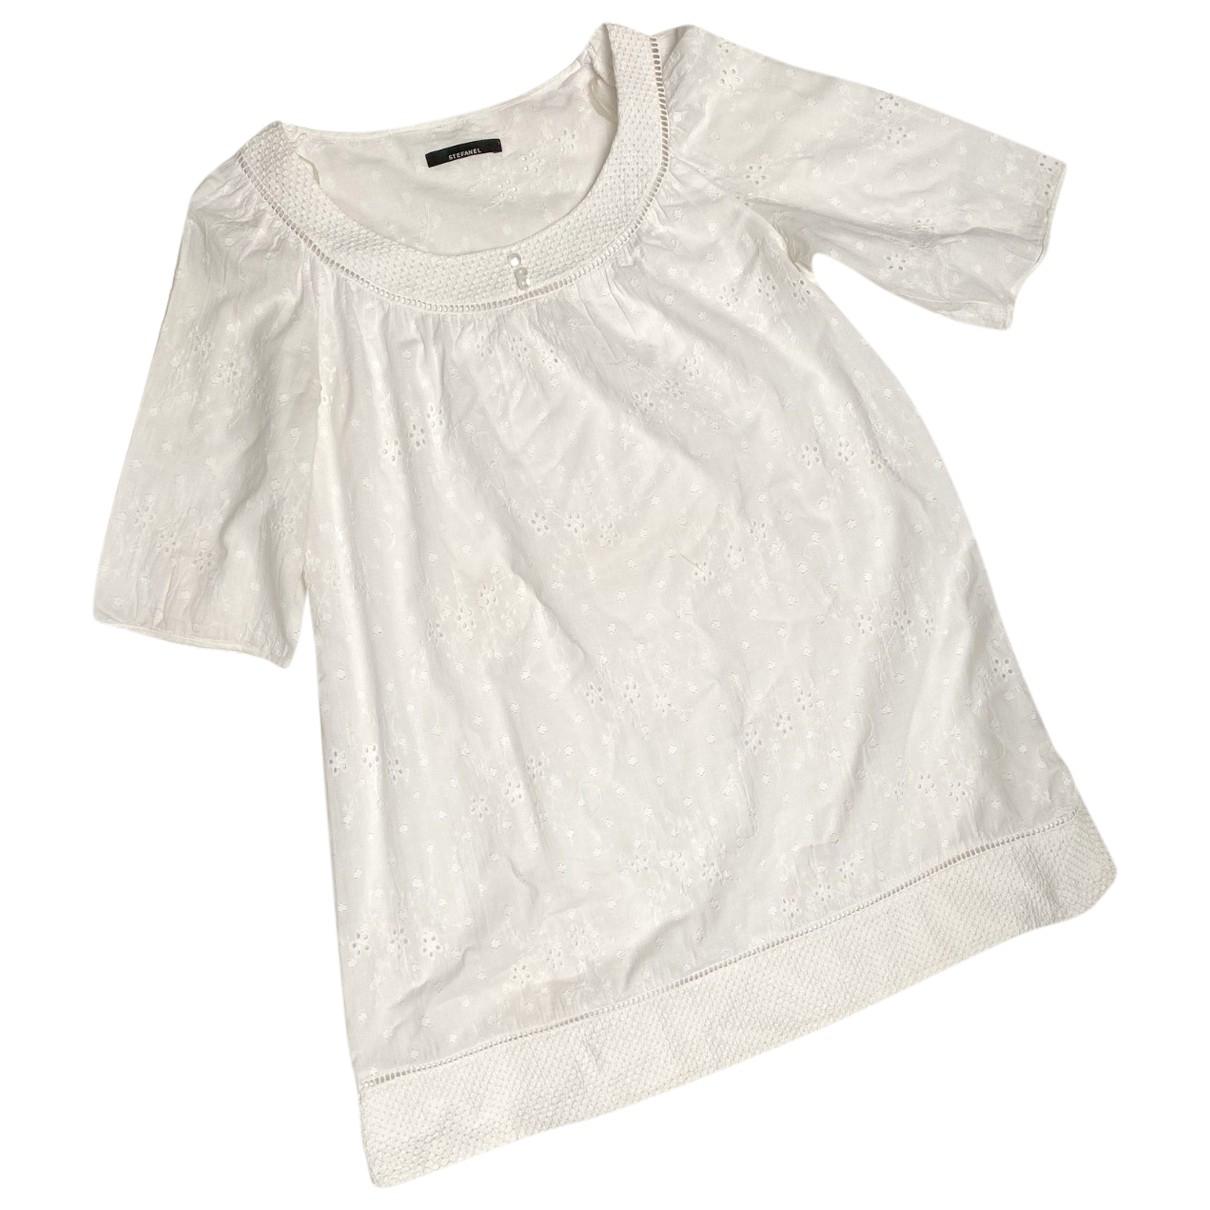 Stefanel \N White Cotton dress for Women XXL International